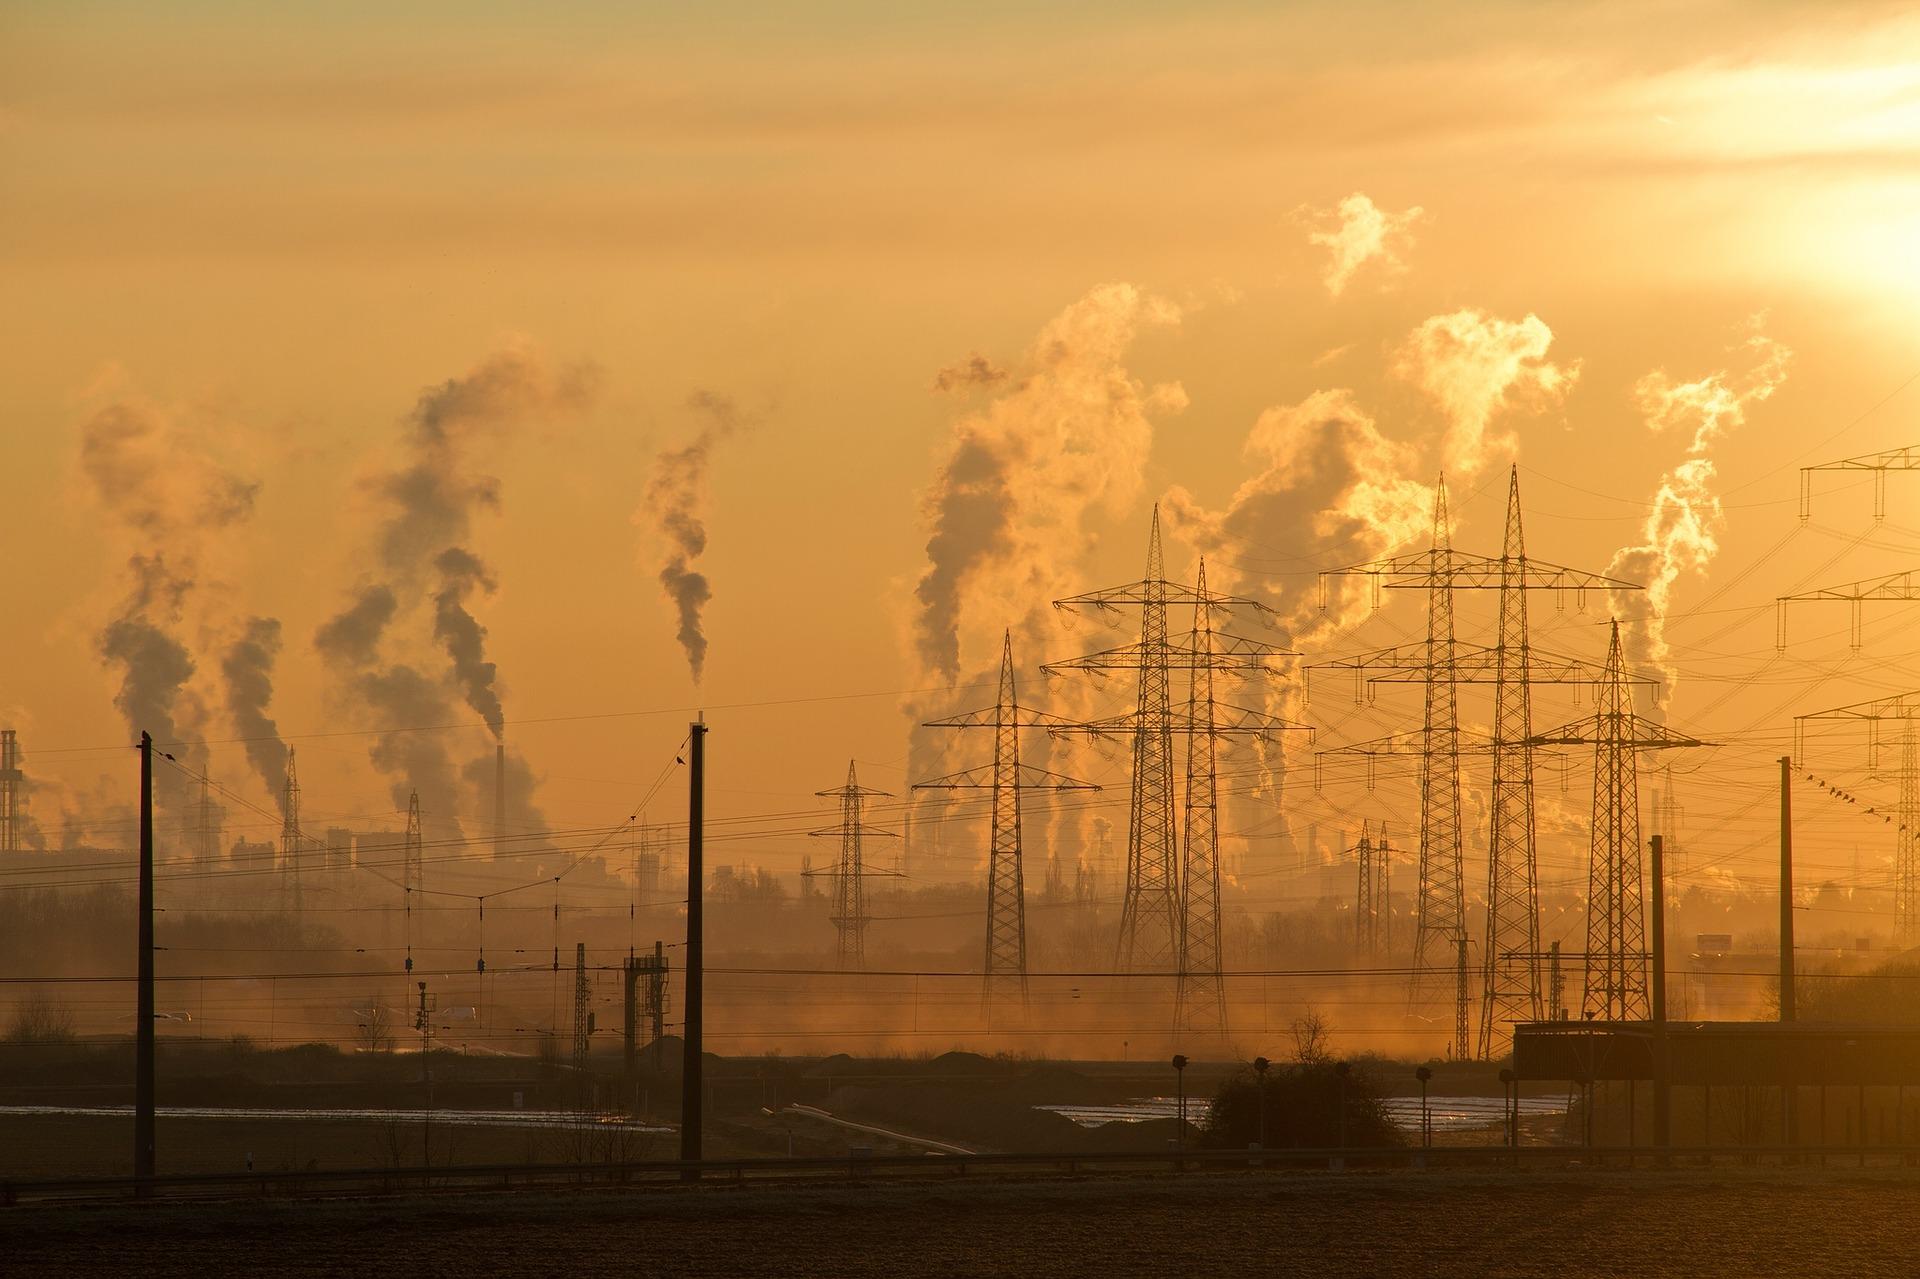 Onečišćeni zrak godišnje 'ubije' više ljudi nego pušenje